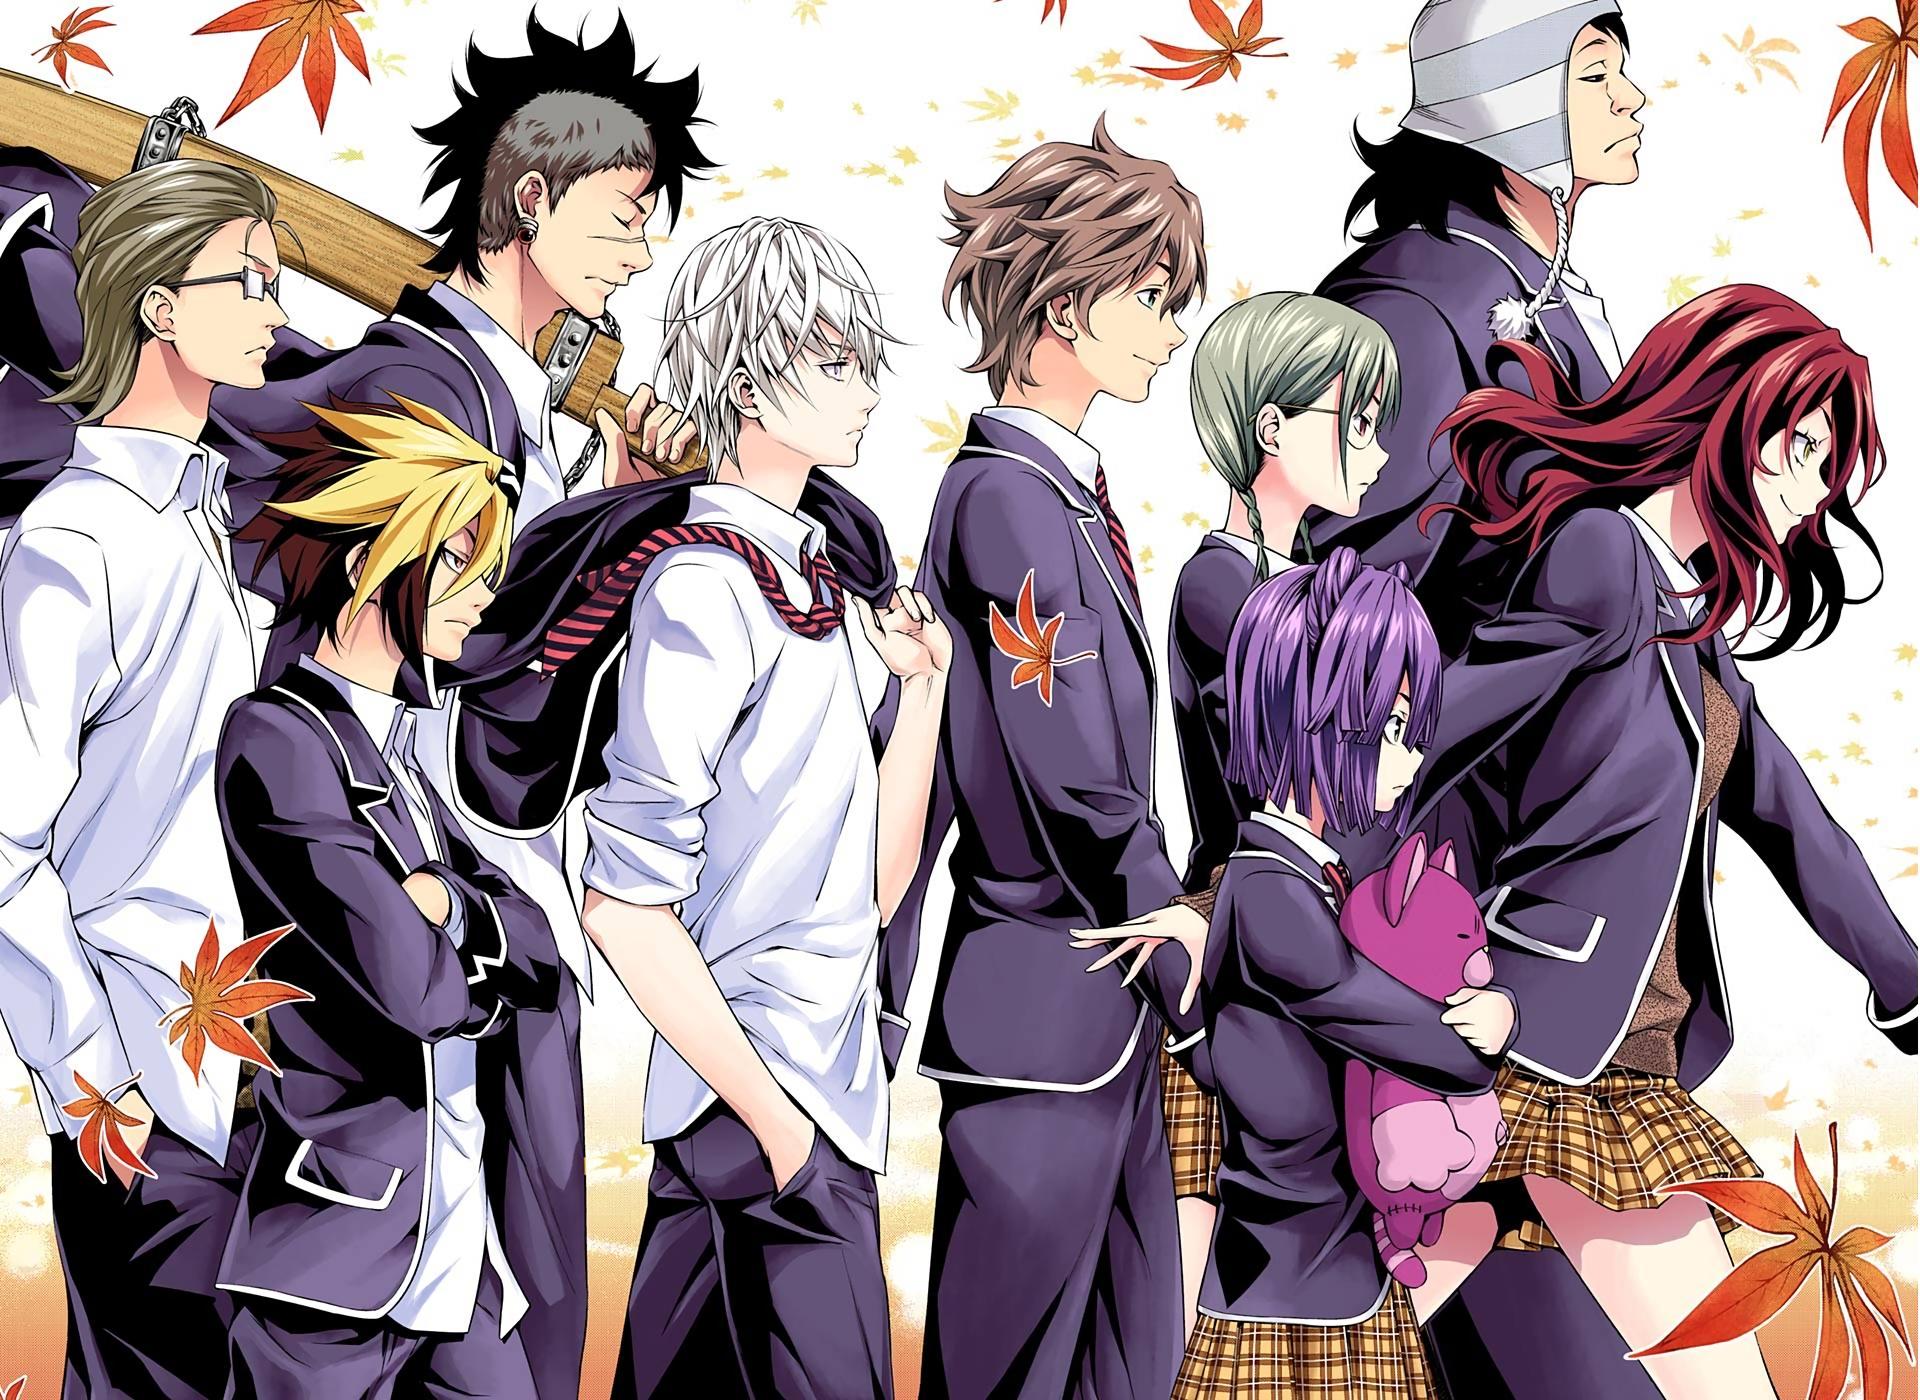 Pin en Anime & manga